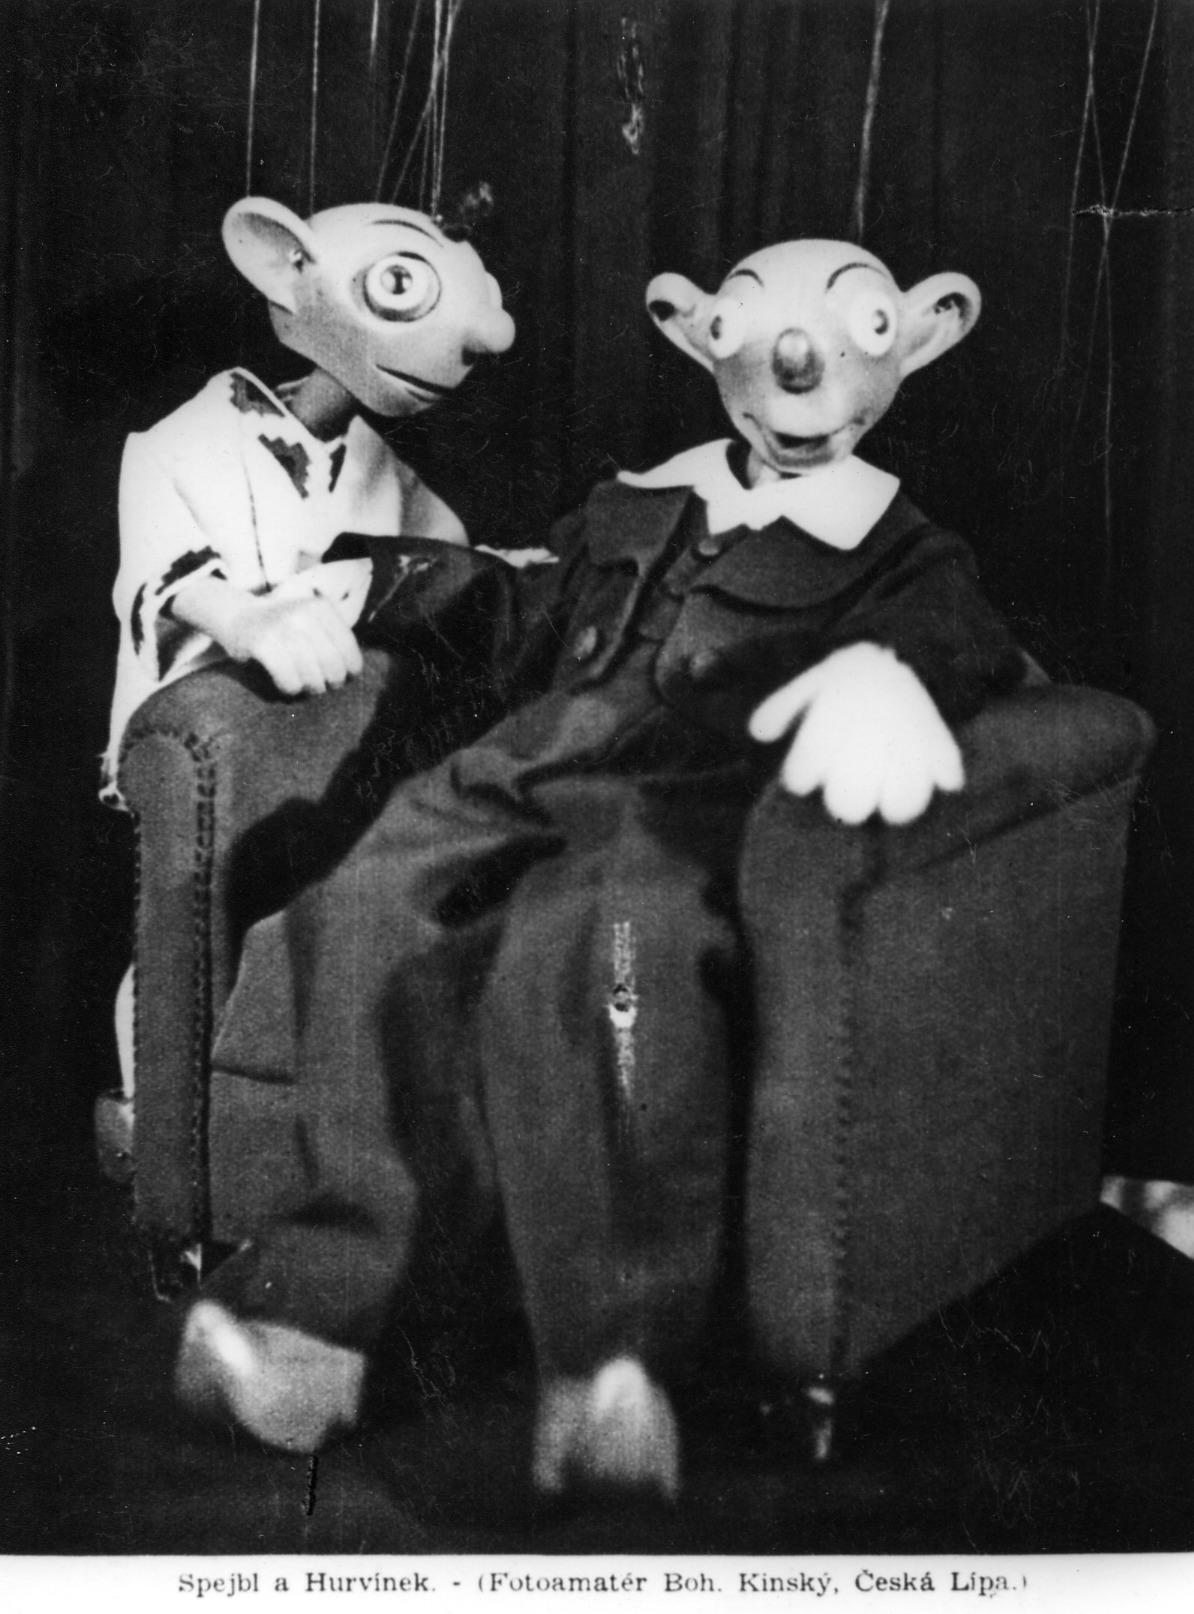 Spejbl y Hurvínek, personajes cómicos populares del teatro de títeres checo creado por Josef Skupa. Títeres de hilos originales de Josef Skupa hechas en madera y tela (1930), altura: 60-80 cm, concepción: Karel Nosek (Spejbl), Gustav Nosek (Hurvínek). Fotografía cortesía de Archivo de Loutkář